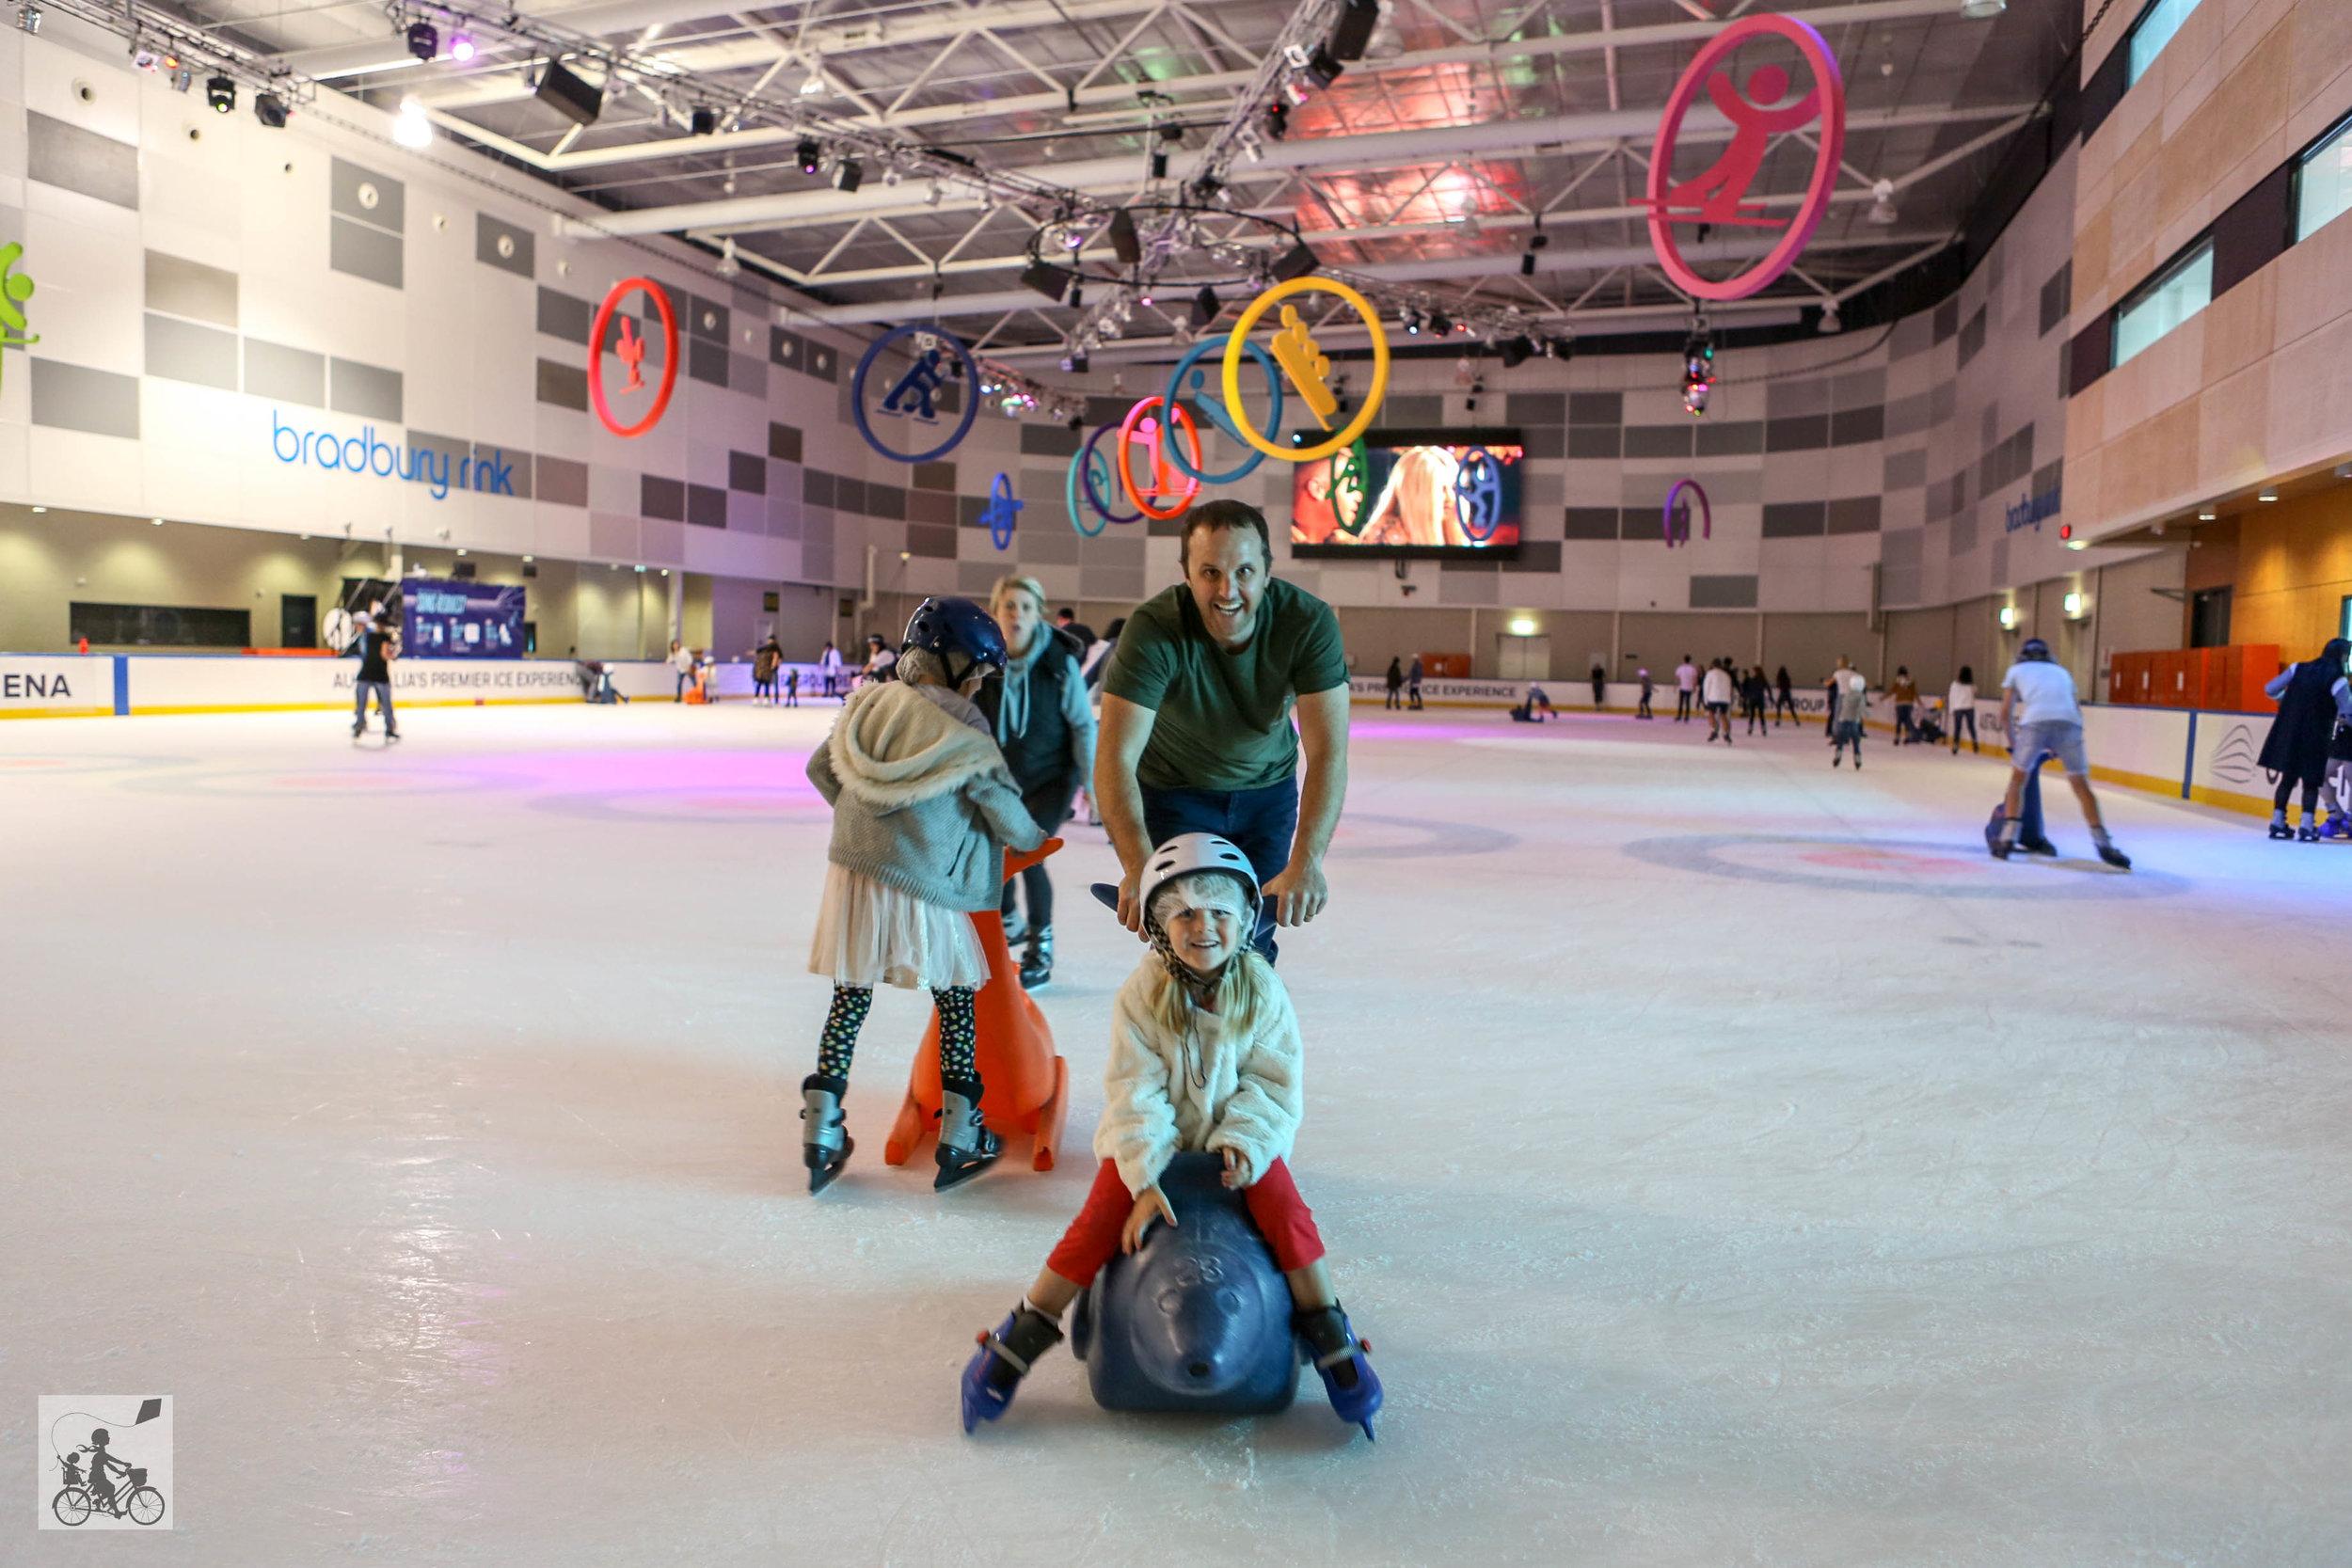 ice Skating @ O'brien group arena